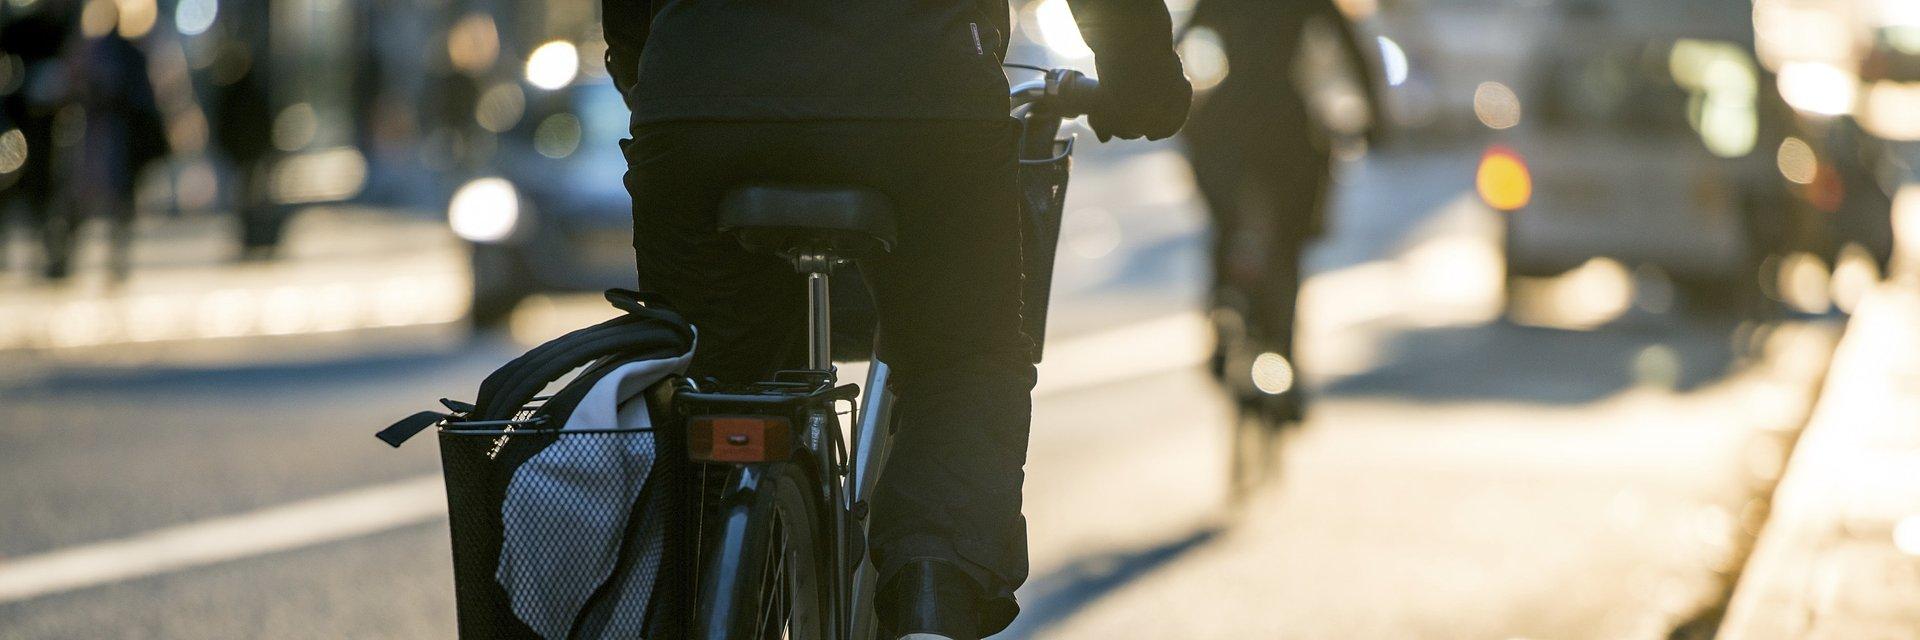 Samochody największym zagrożeniem rowerzystów? Blisko 40 proc. użytkowników jednośladów boi się kolizji z nimi